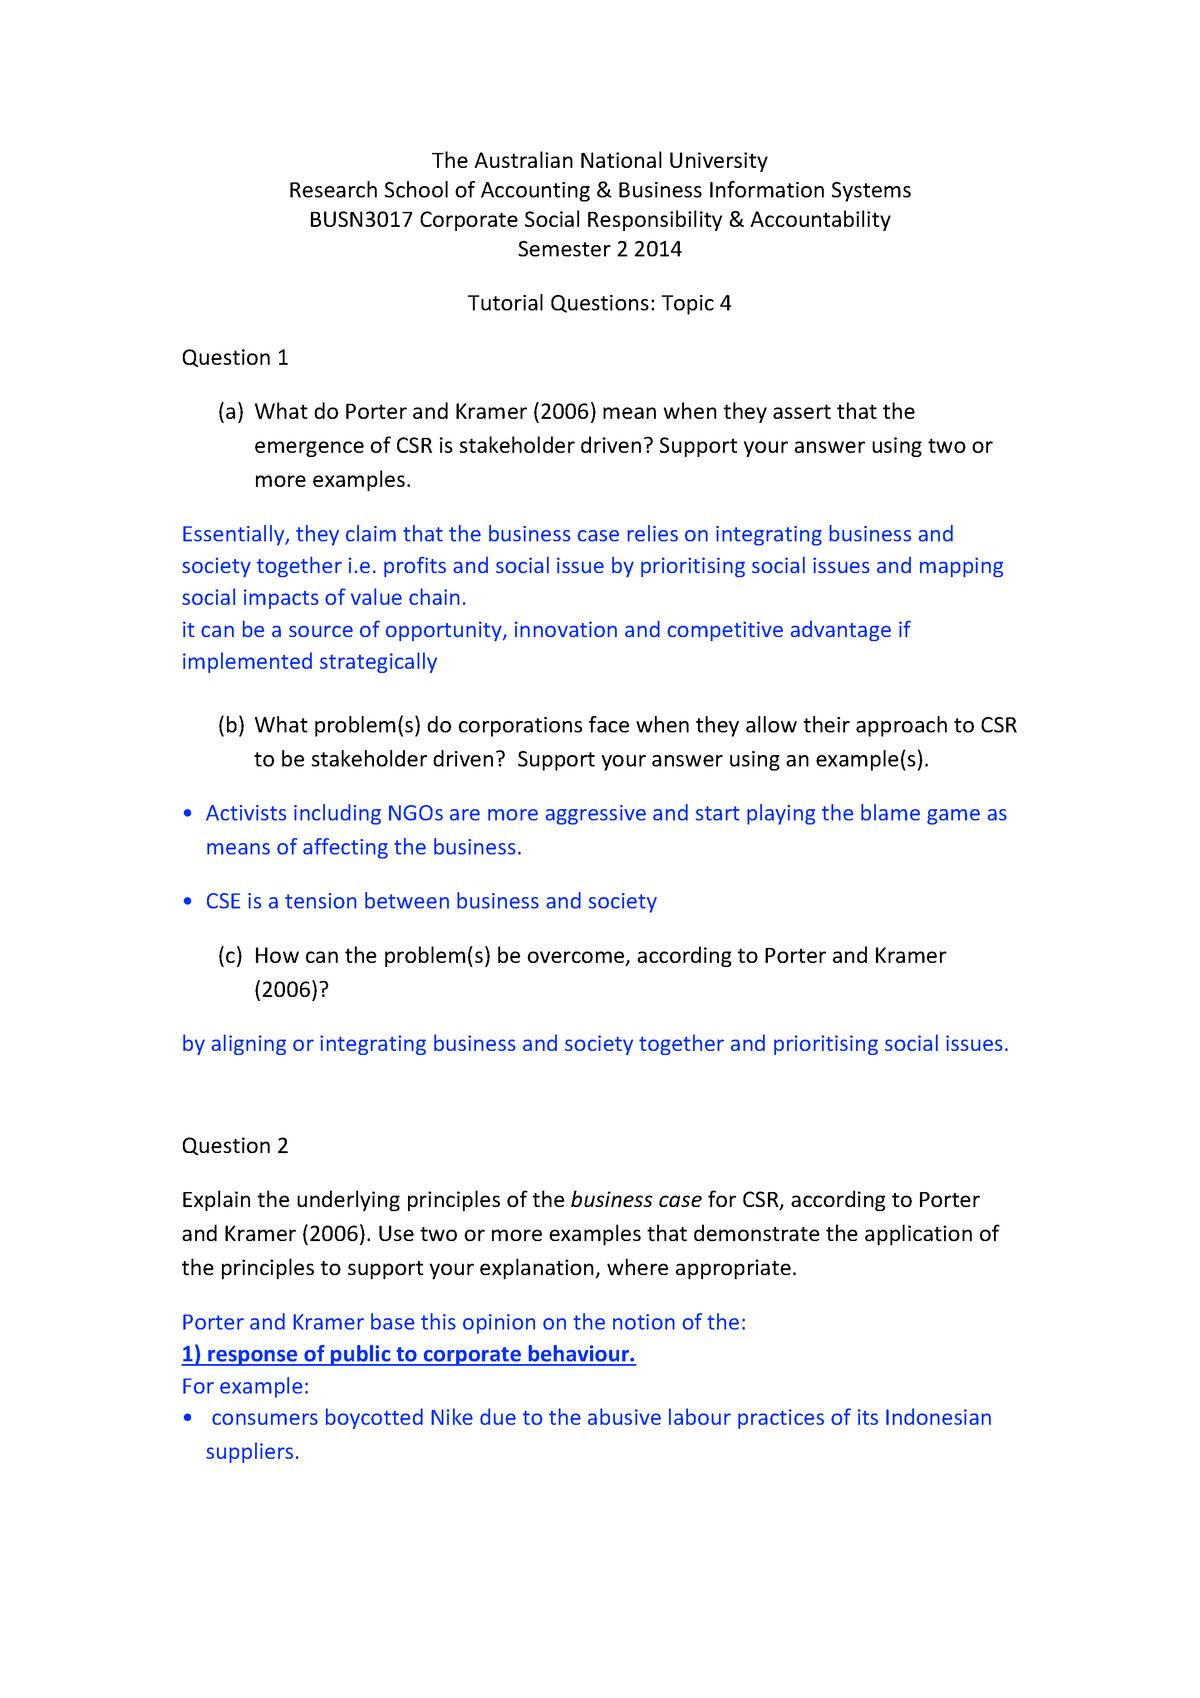 Tutorial work - topics 4, 9 - BUSN3017 - ANU - StuDocu